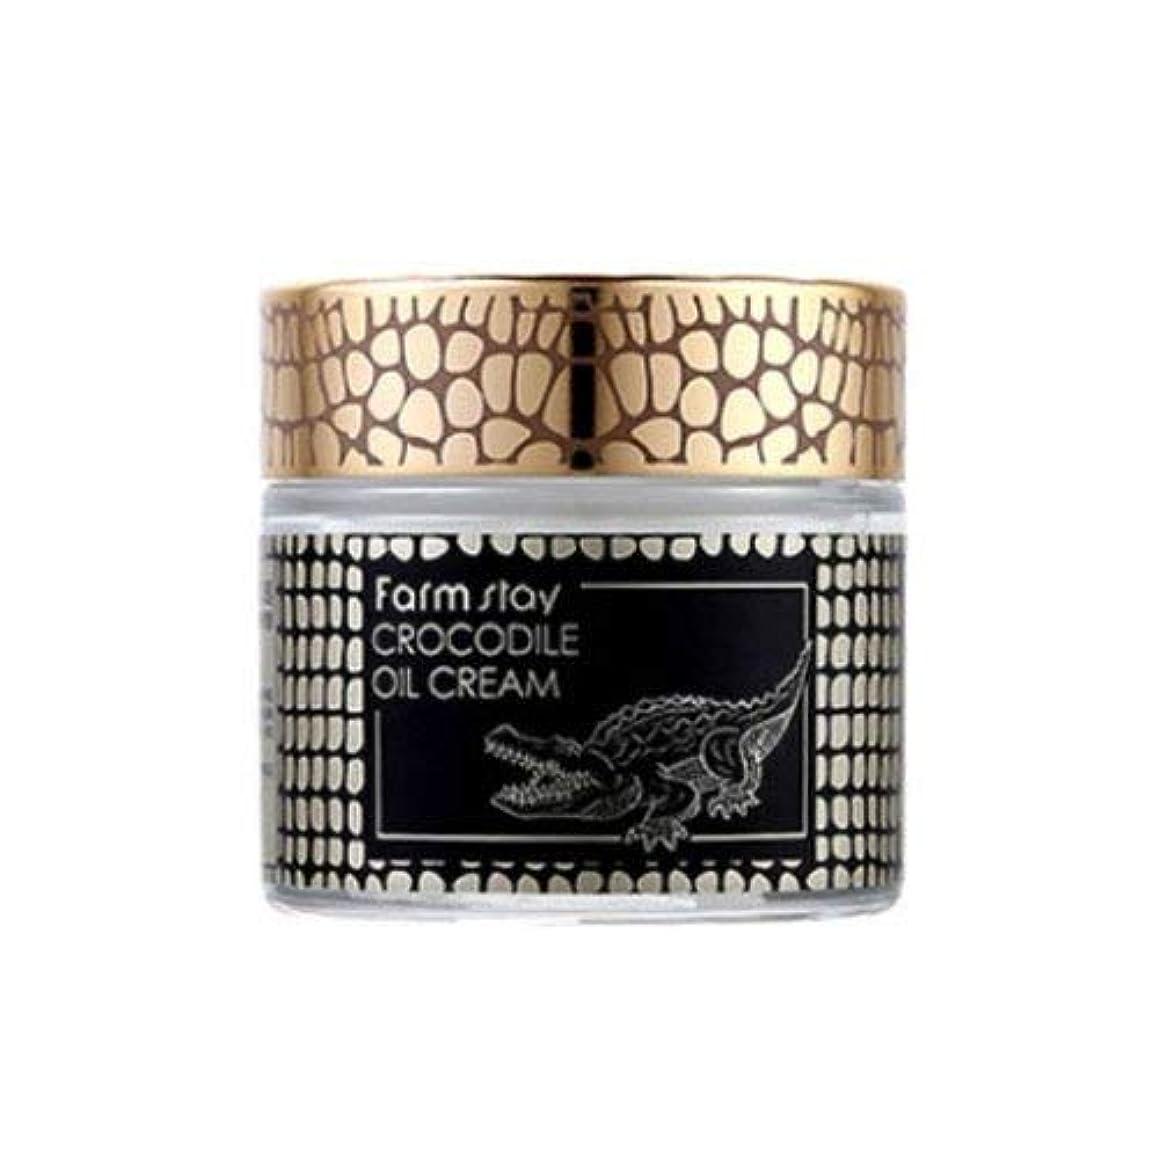 組み込む無線グレーファームステイ[韓国コスメFarm Stay]Crocodile Oil Cream ワニオイルクリーム70g しわ管理 美白[並行輸入品]